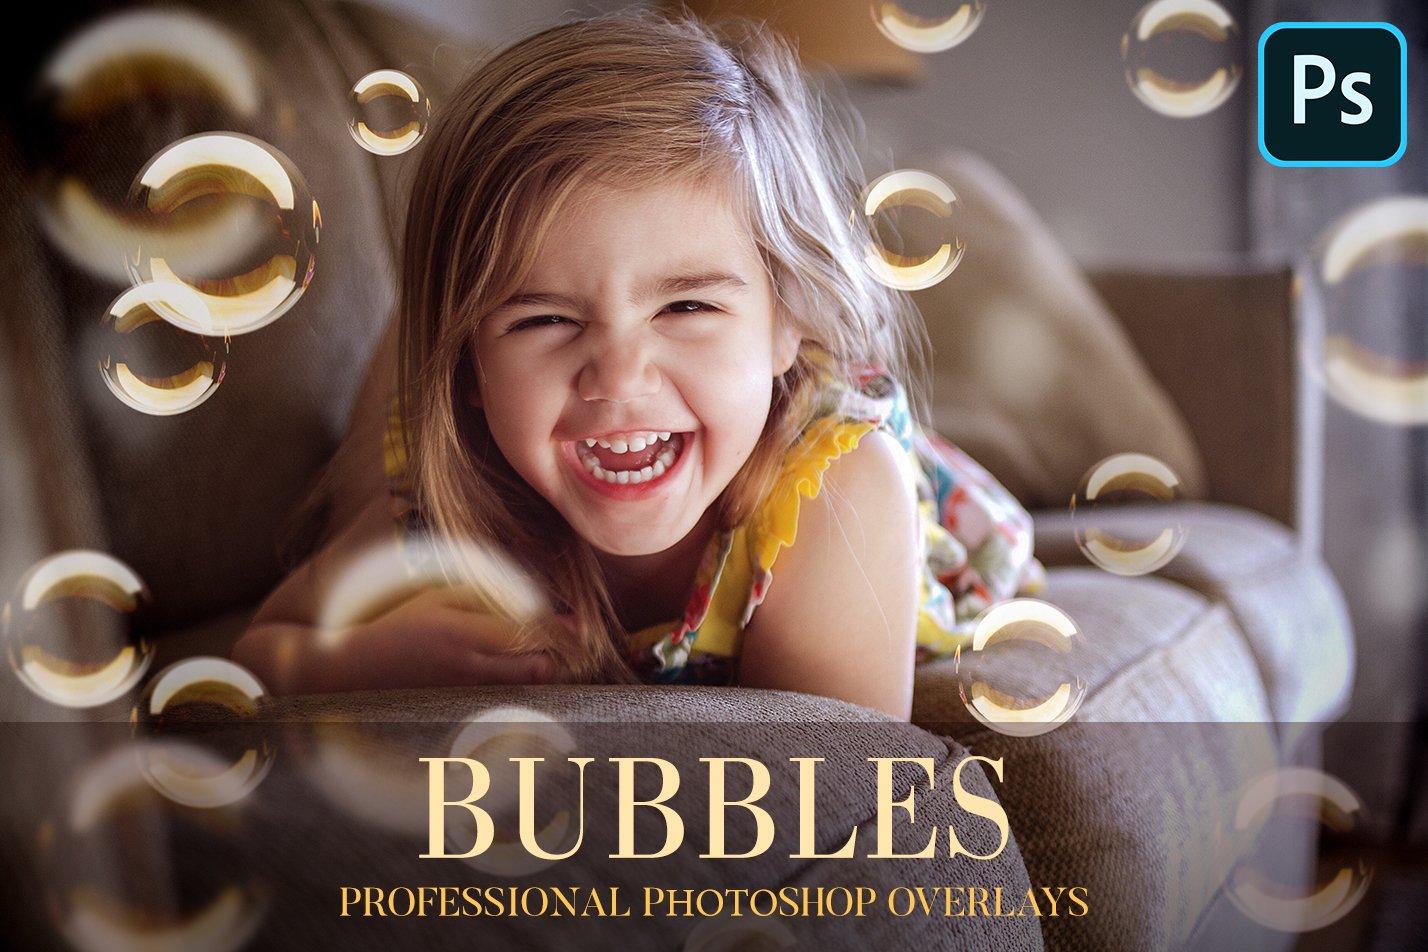 20个高清气泡PS图层叠加背景图片素材 Bubbles Overlays Photoshop插图